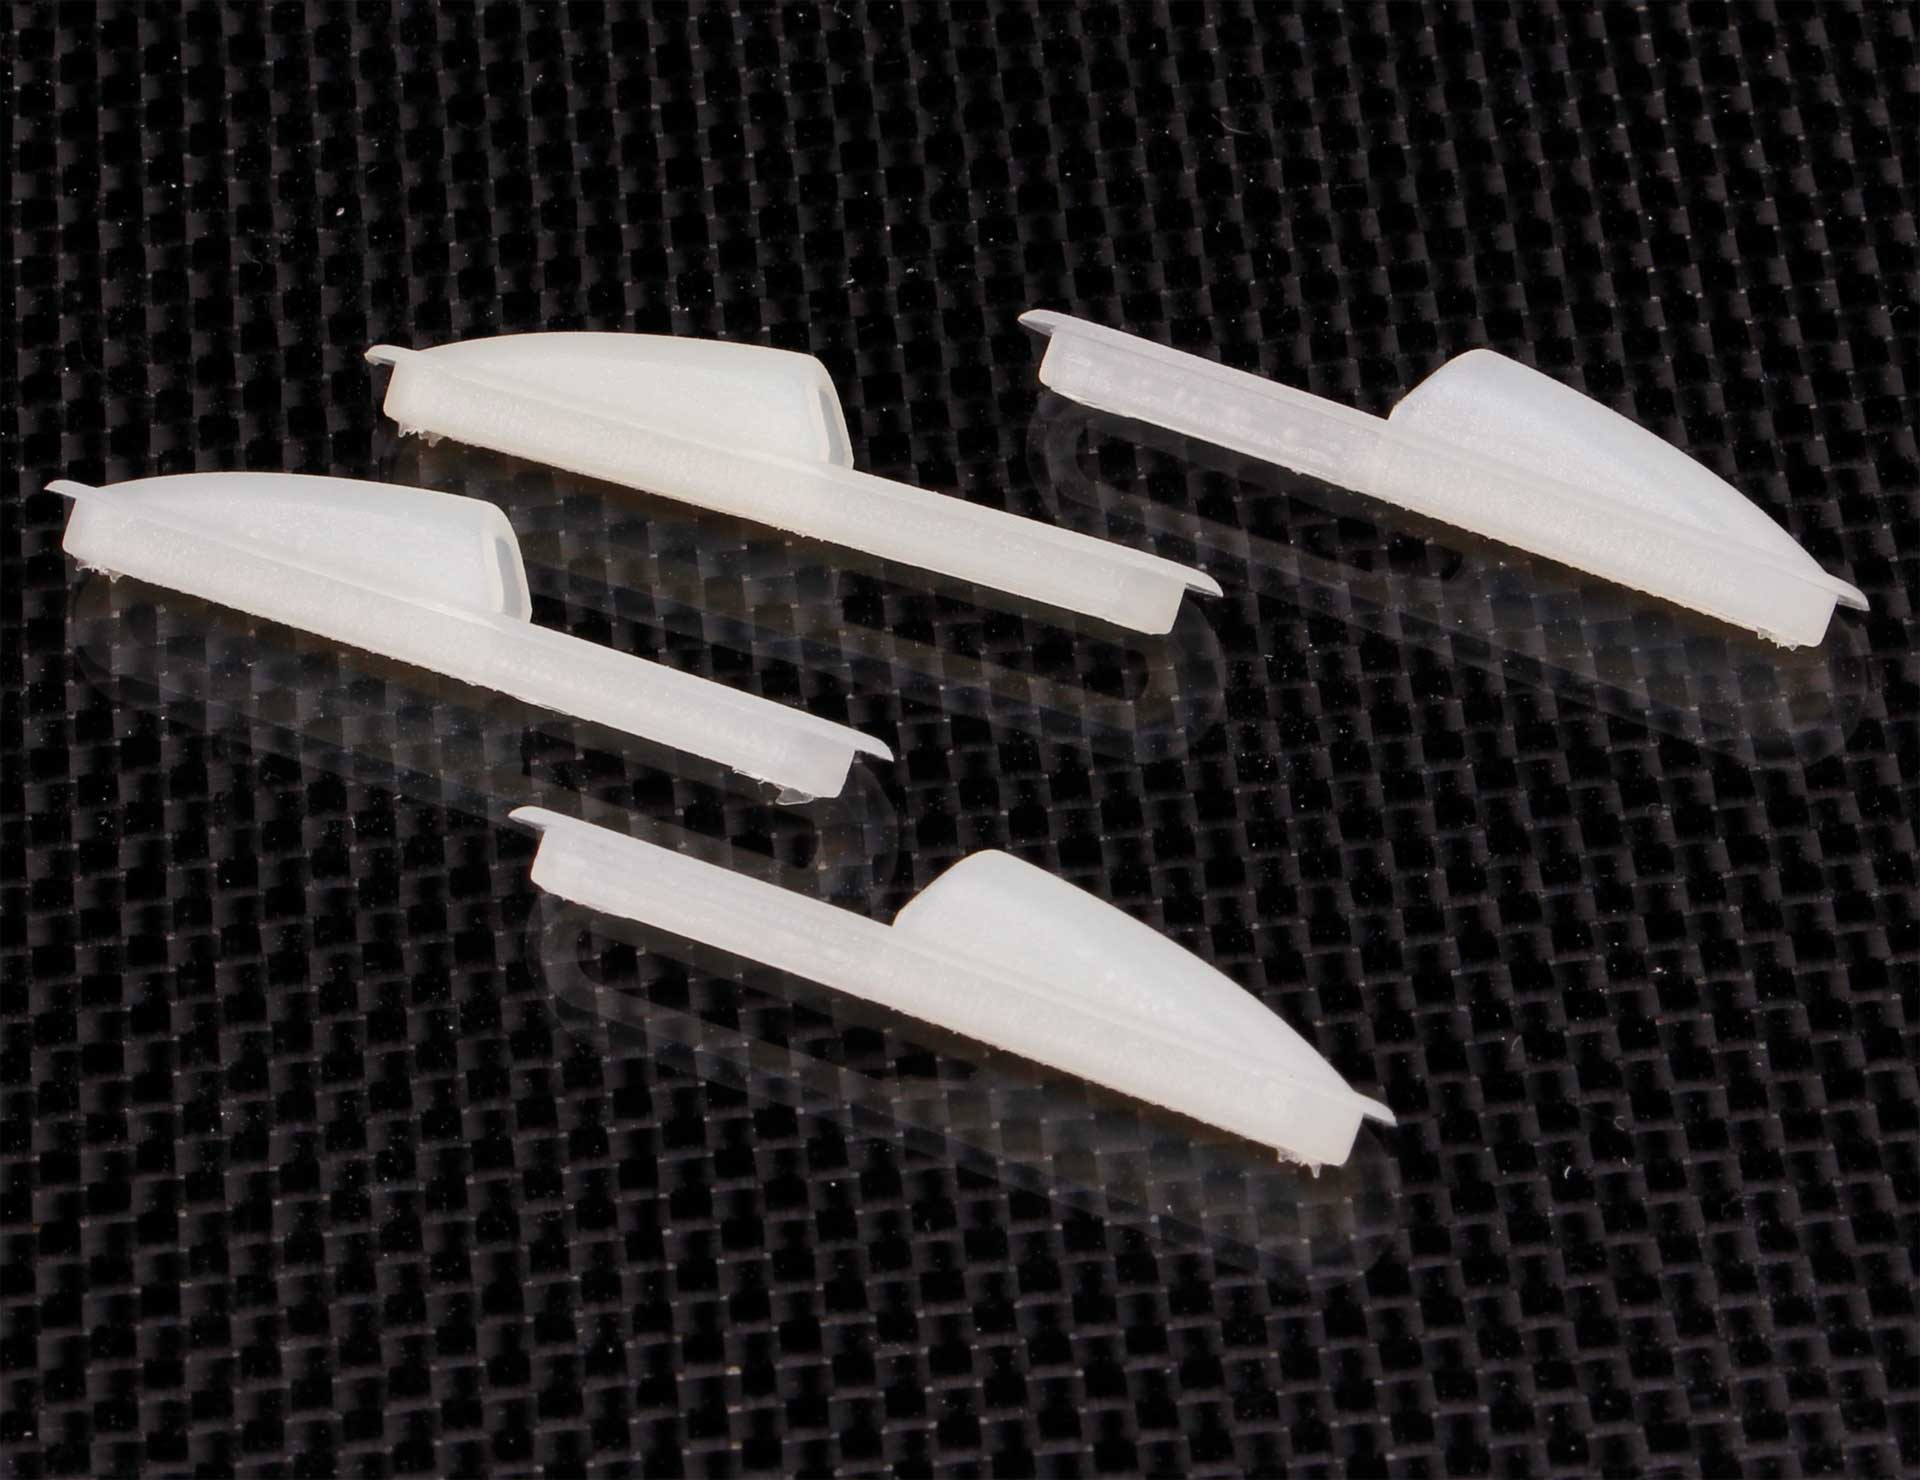 Robbe Modellsport Schubstangen-Verkleidung L38×H4.5mm 10Stk.